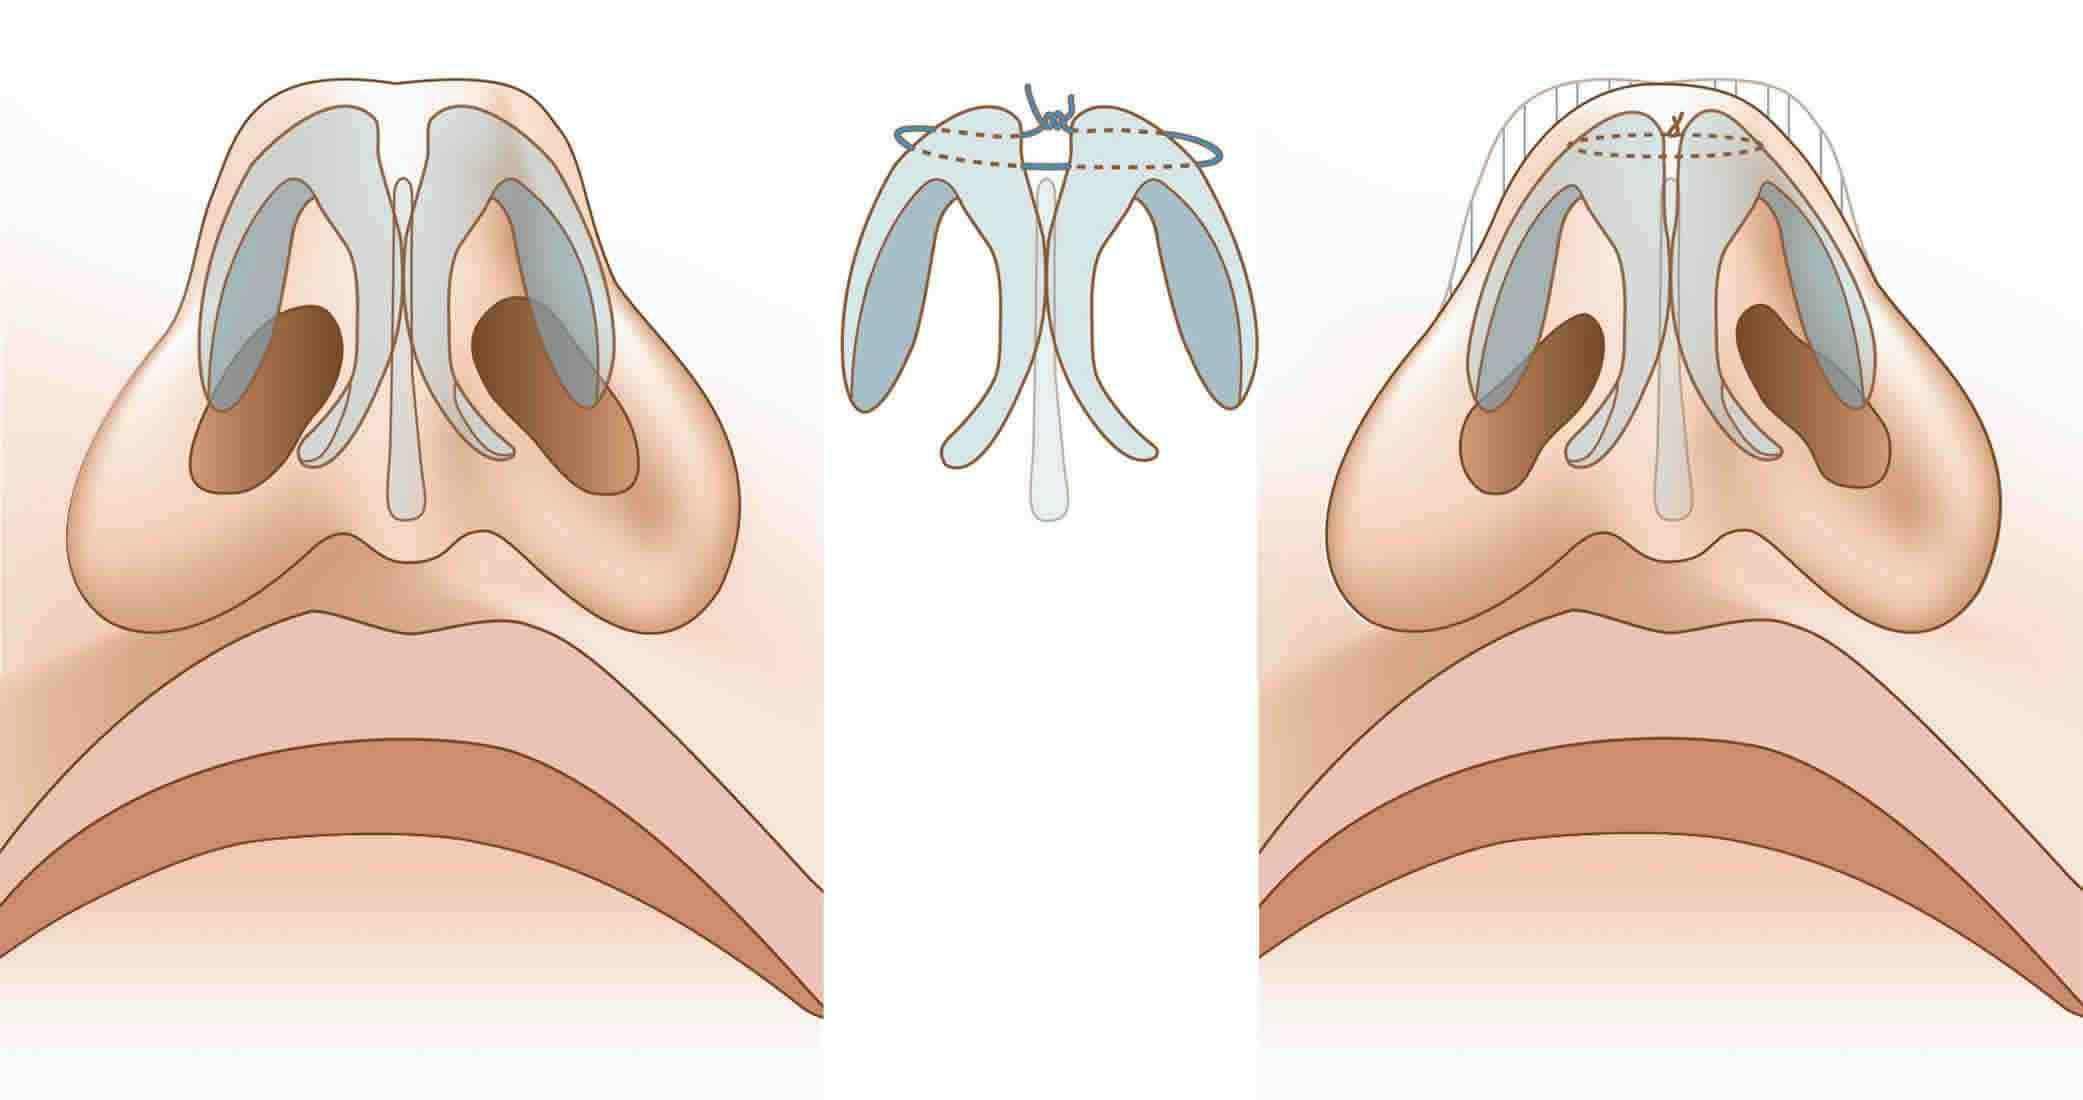 Септопластика: фото до и после и описание операции по исправлению носовой перегородки